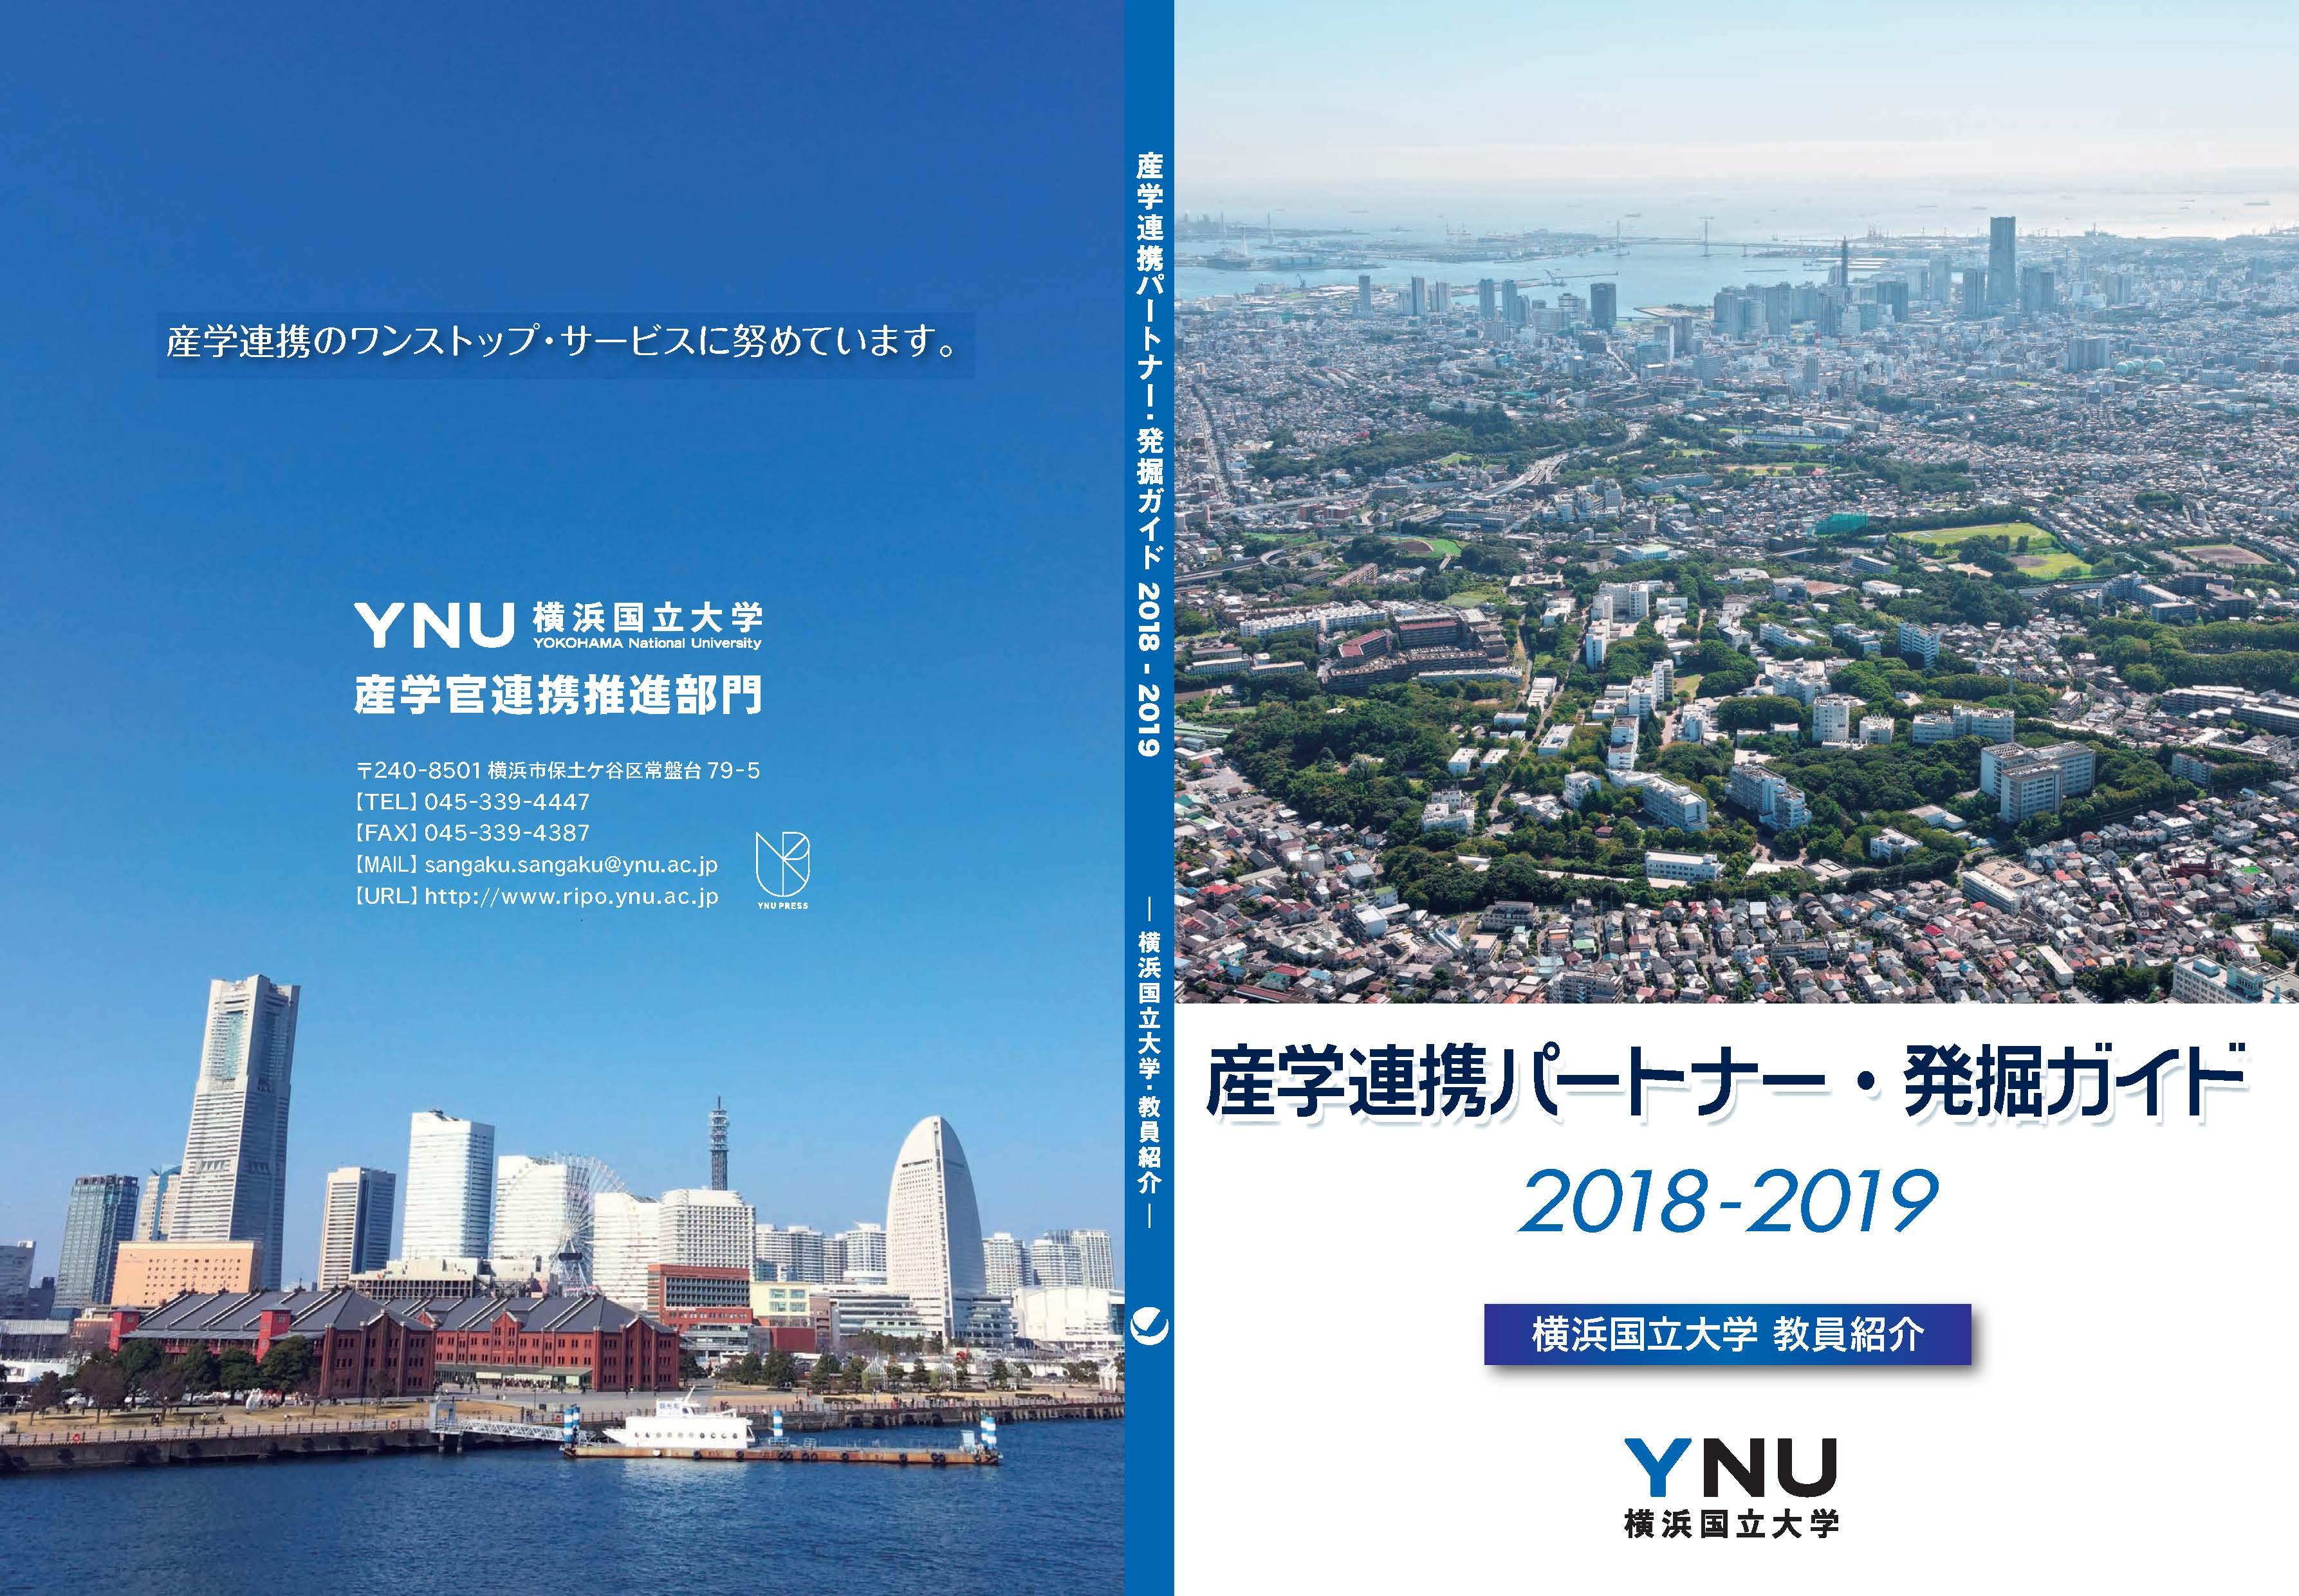 産学連携パートナー・発掘ガイド2020-2021表紙